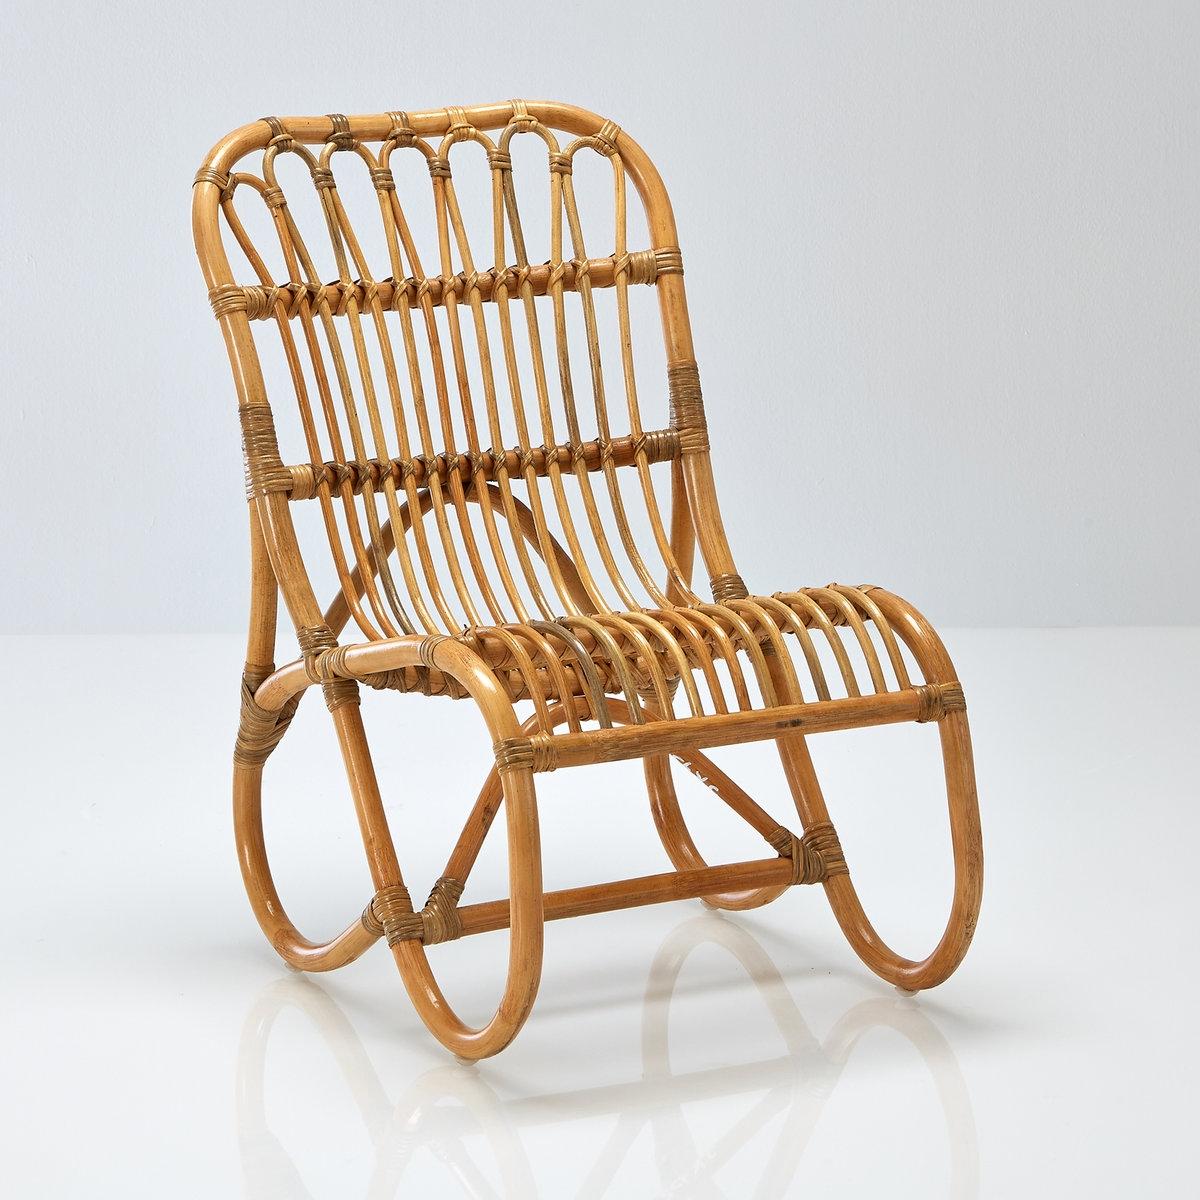 Стул детский из ротанга, MaluСтул детский из ротанга, Malu. Детский стул с винтажной ноткой Malu с каркасом из ротанга и естественным натуральным цветом. Характеристики детского стула из ротанга Malu:Натуральный ротанг.Естественный цвет, покрытие бесцветным лаком.Найдите подходящие кресло-качалку и банкетку и другую мебель из коллекции Malu на сайте laredoute.ru.Размеры детского стула из ротанга Malu :Общие размерыДлина : 45 смВысота : 65 смГлубина : 56 см.Сиденье Высота : 28 смГлубина : 35 смРазмеры и вес упаковки:1 упаковка70 x 57 x 46 см 2 кгДоставка на домДетский стул из ротанга Malu продается в собранном виде!Ваш товар будет доставлен по назначению, прямо на этажВнимание! Пожалуйста, убедитесь, что упаковка пройдет через проемы (двери, лестницы, лифты)<br><br>Цвет: ротанг серо-бежевый